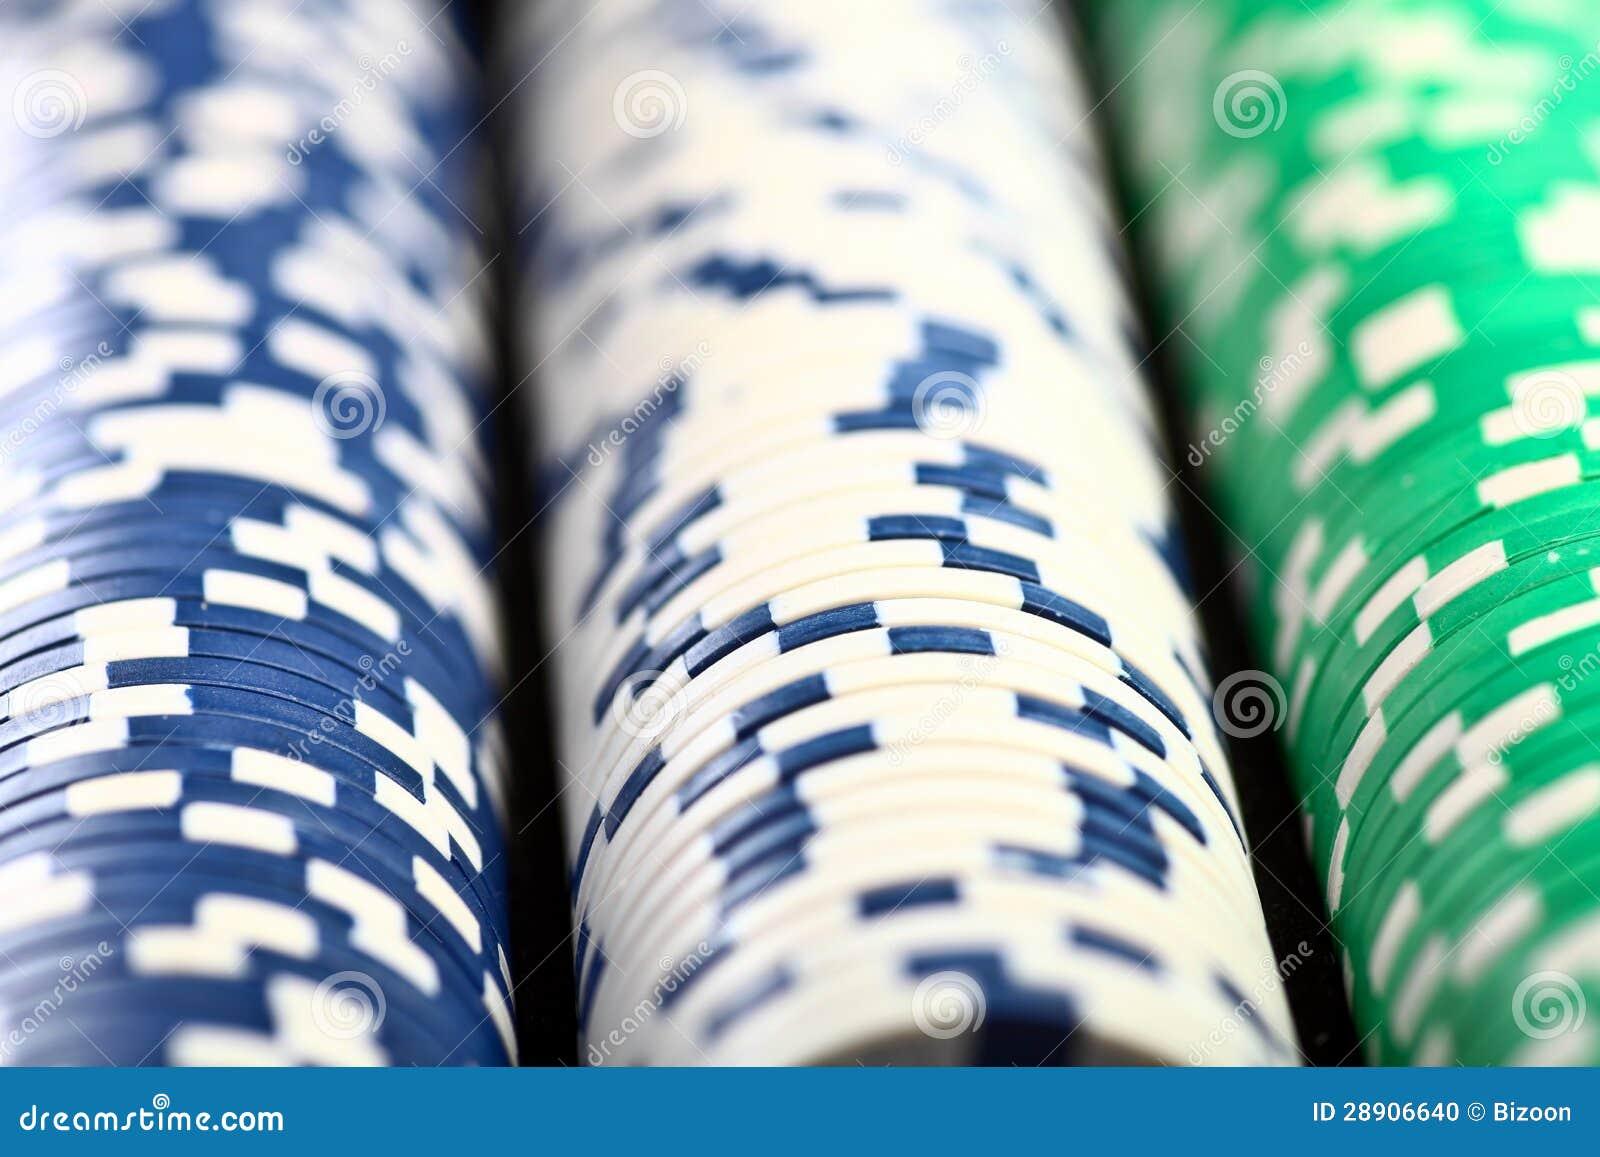 Bunten av poker gå i flisor